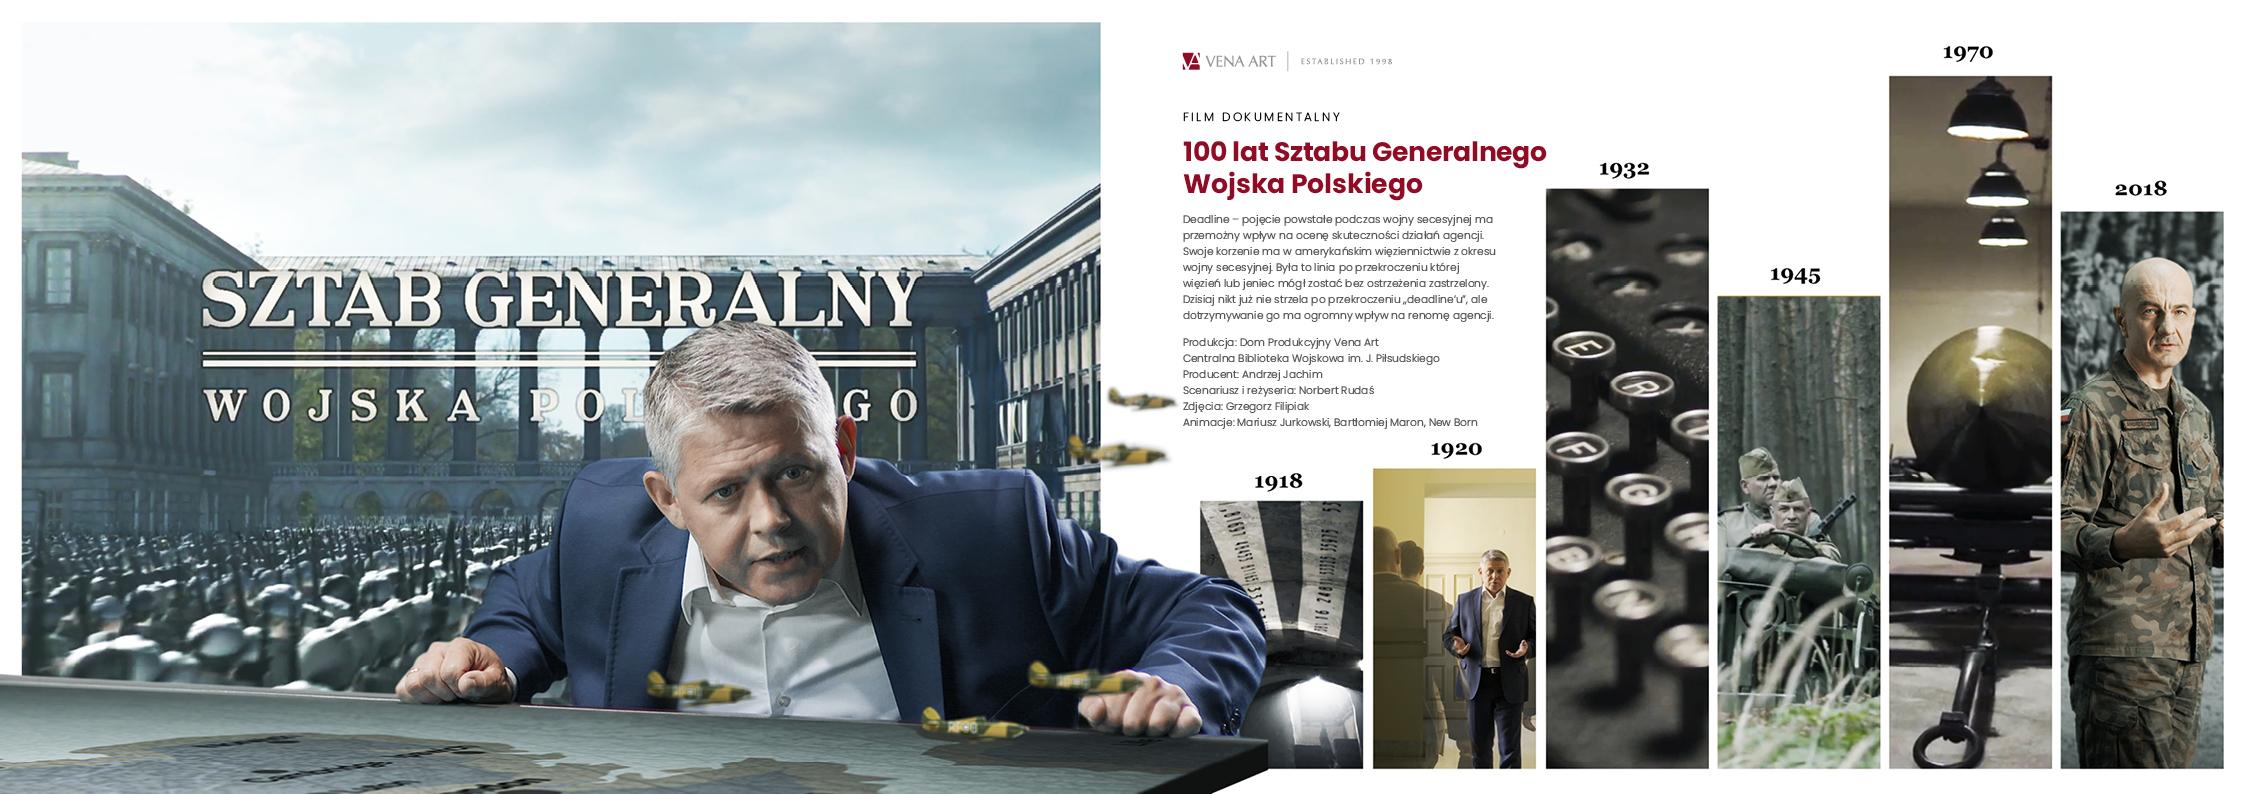 100 lat Sztabu Generalnego Wojska Polskiego